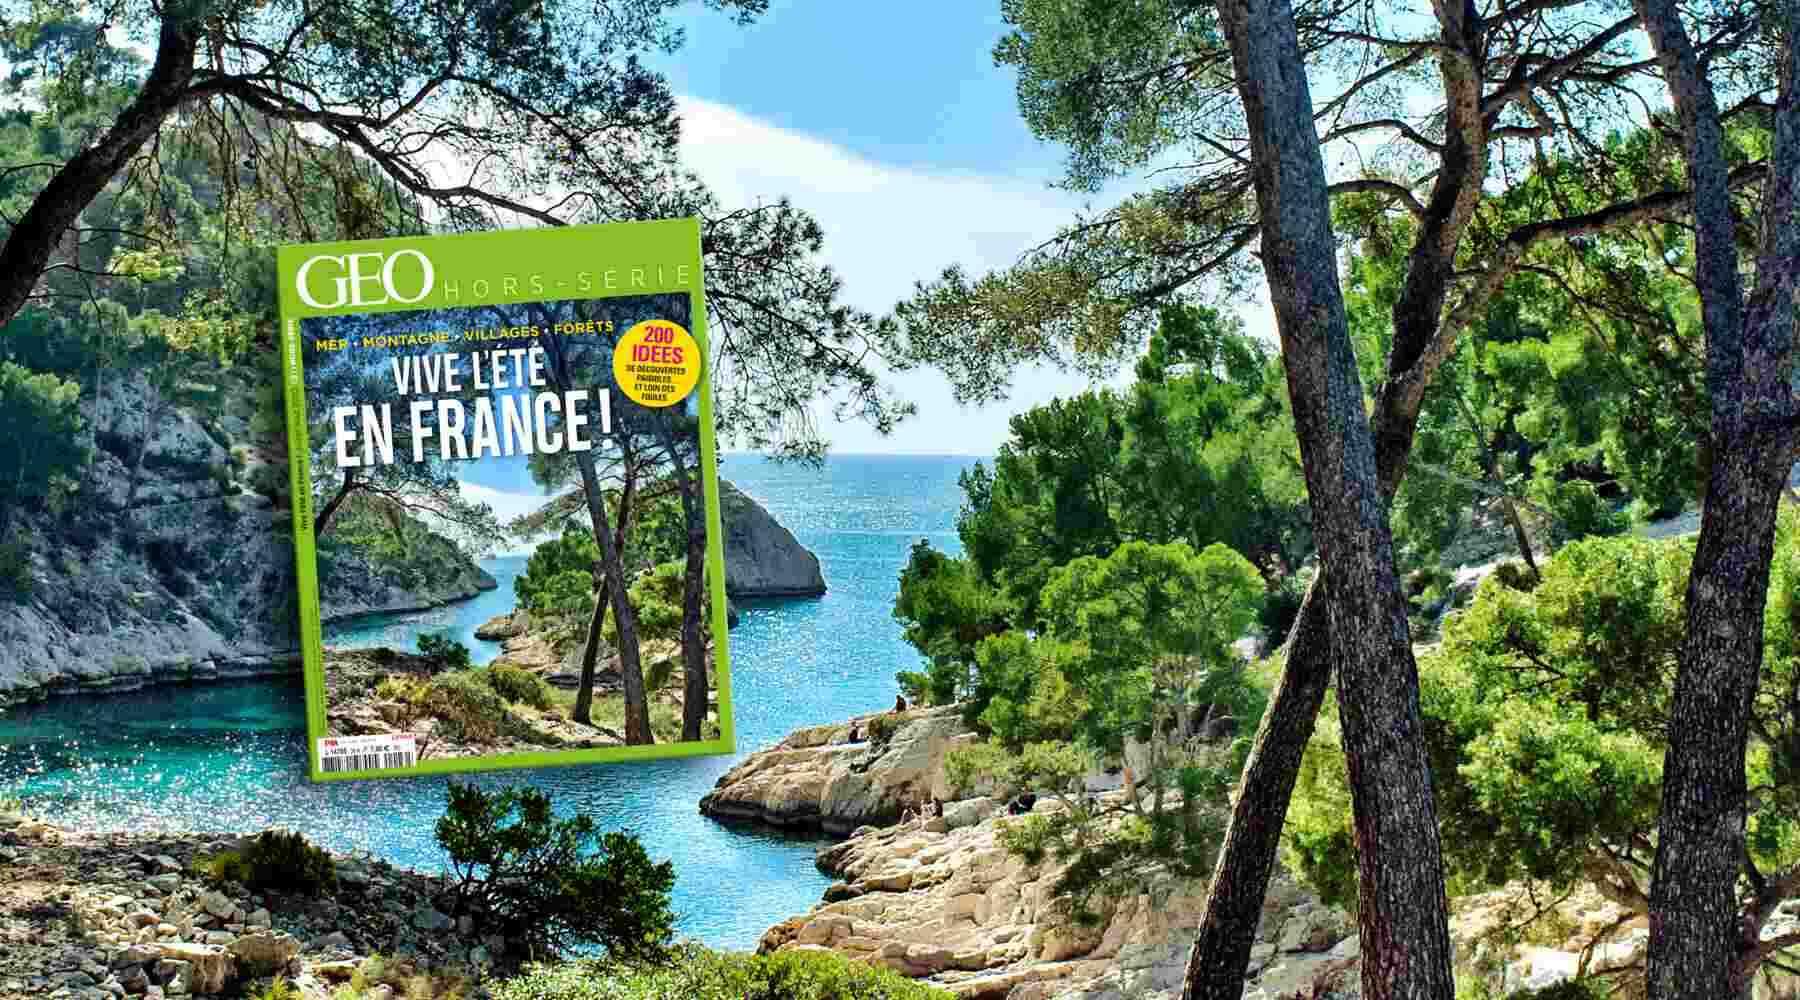 Où passer quelques jours de vacances en France?